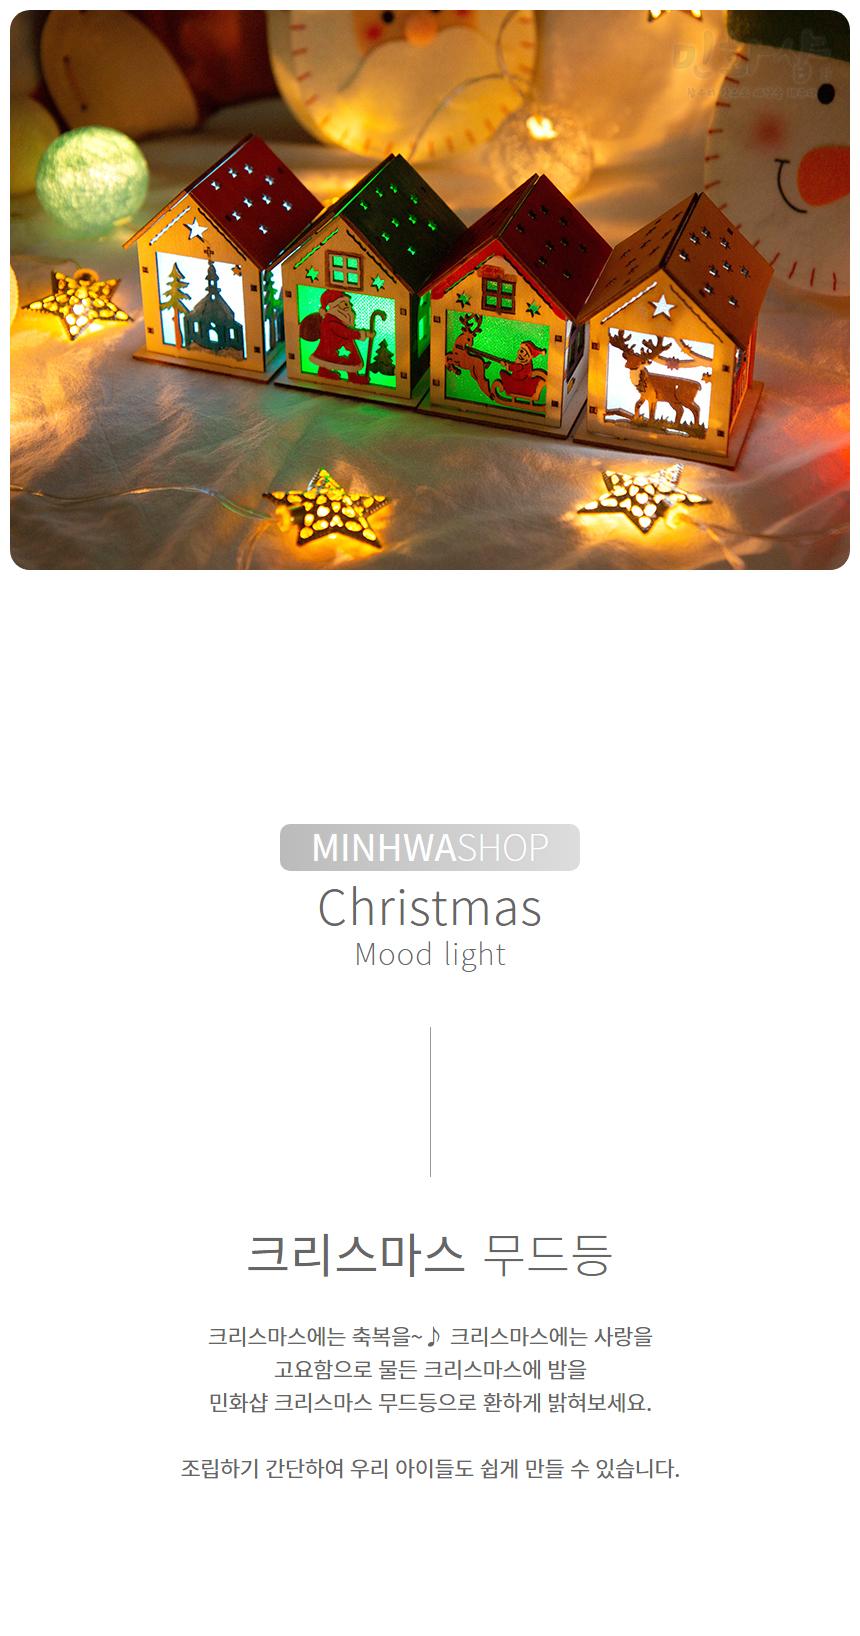 크리스마스 무드등